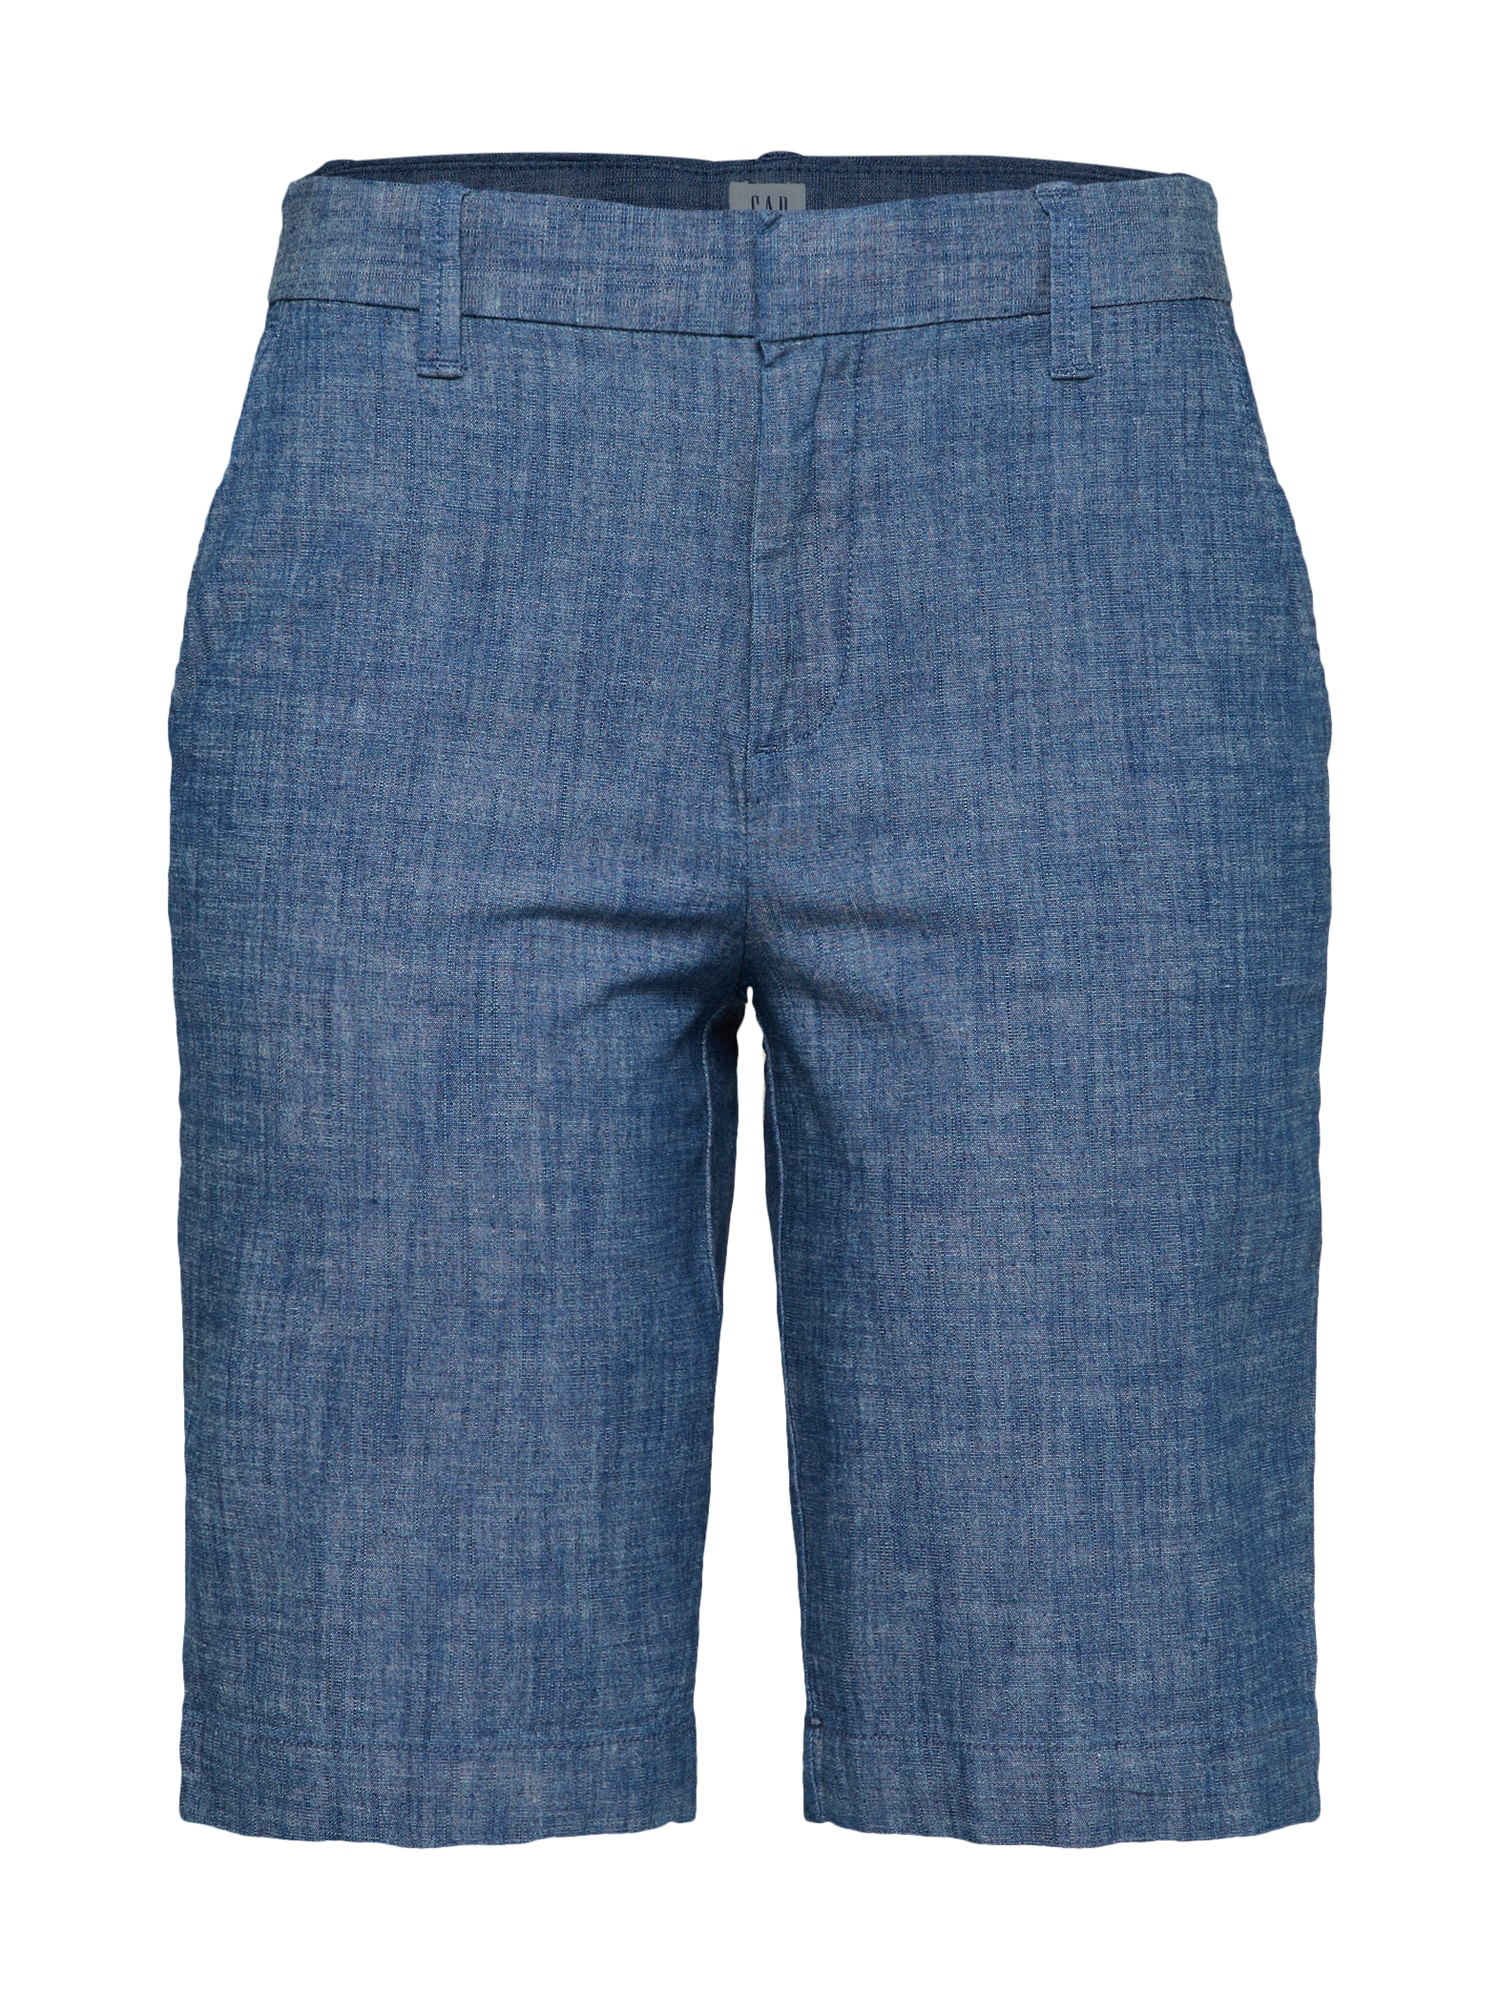 Kalhoty SH 10 INCH BERMUDA SHORT CHAMBRAY indigo GAP